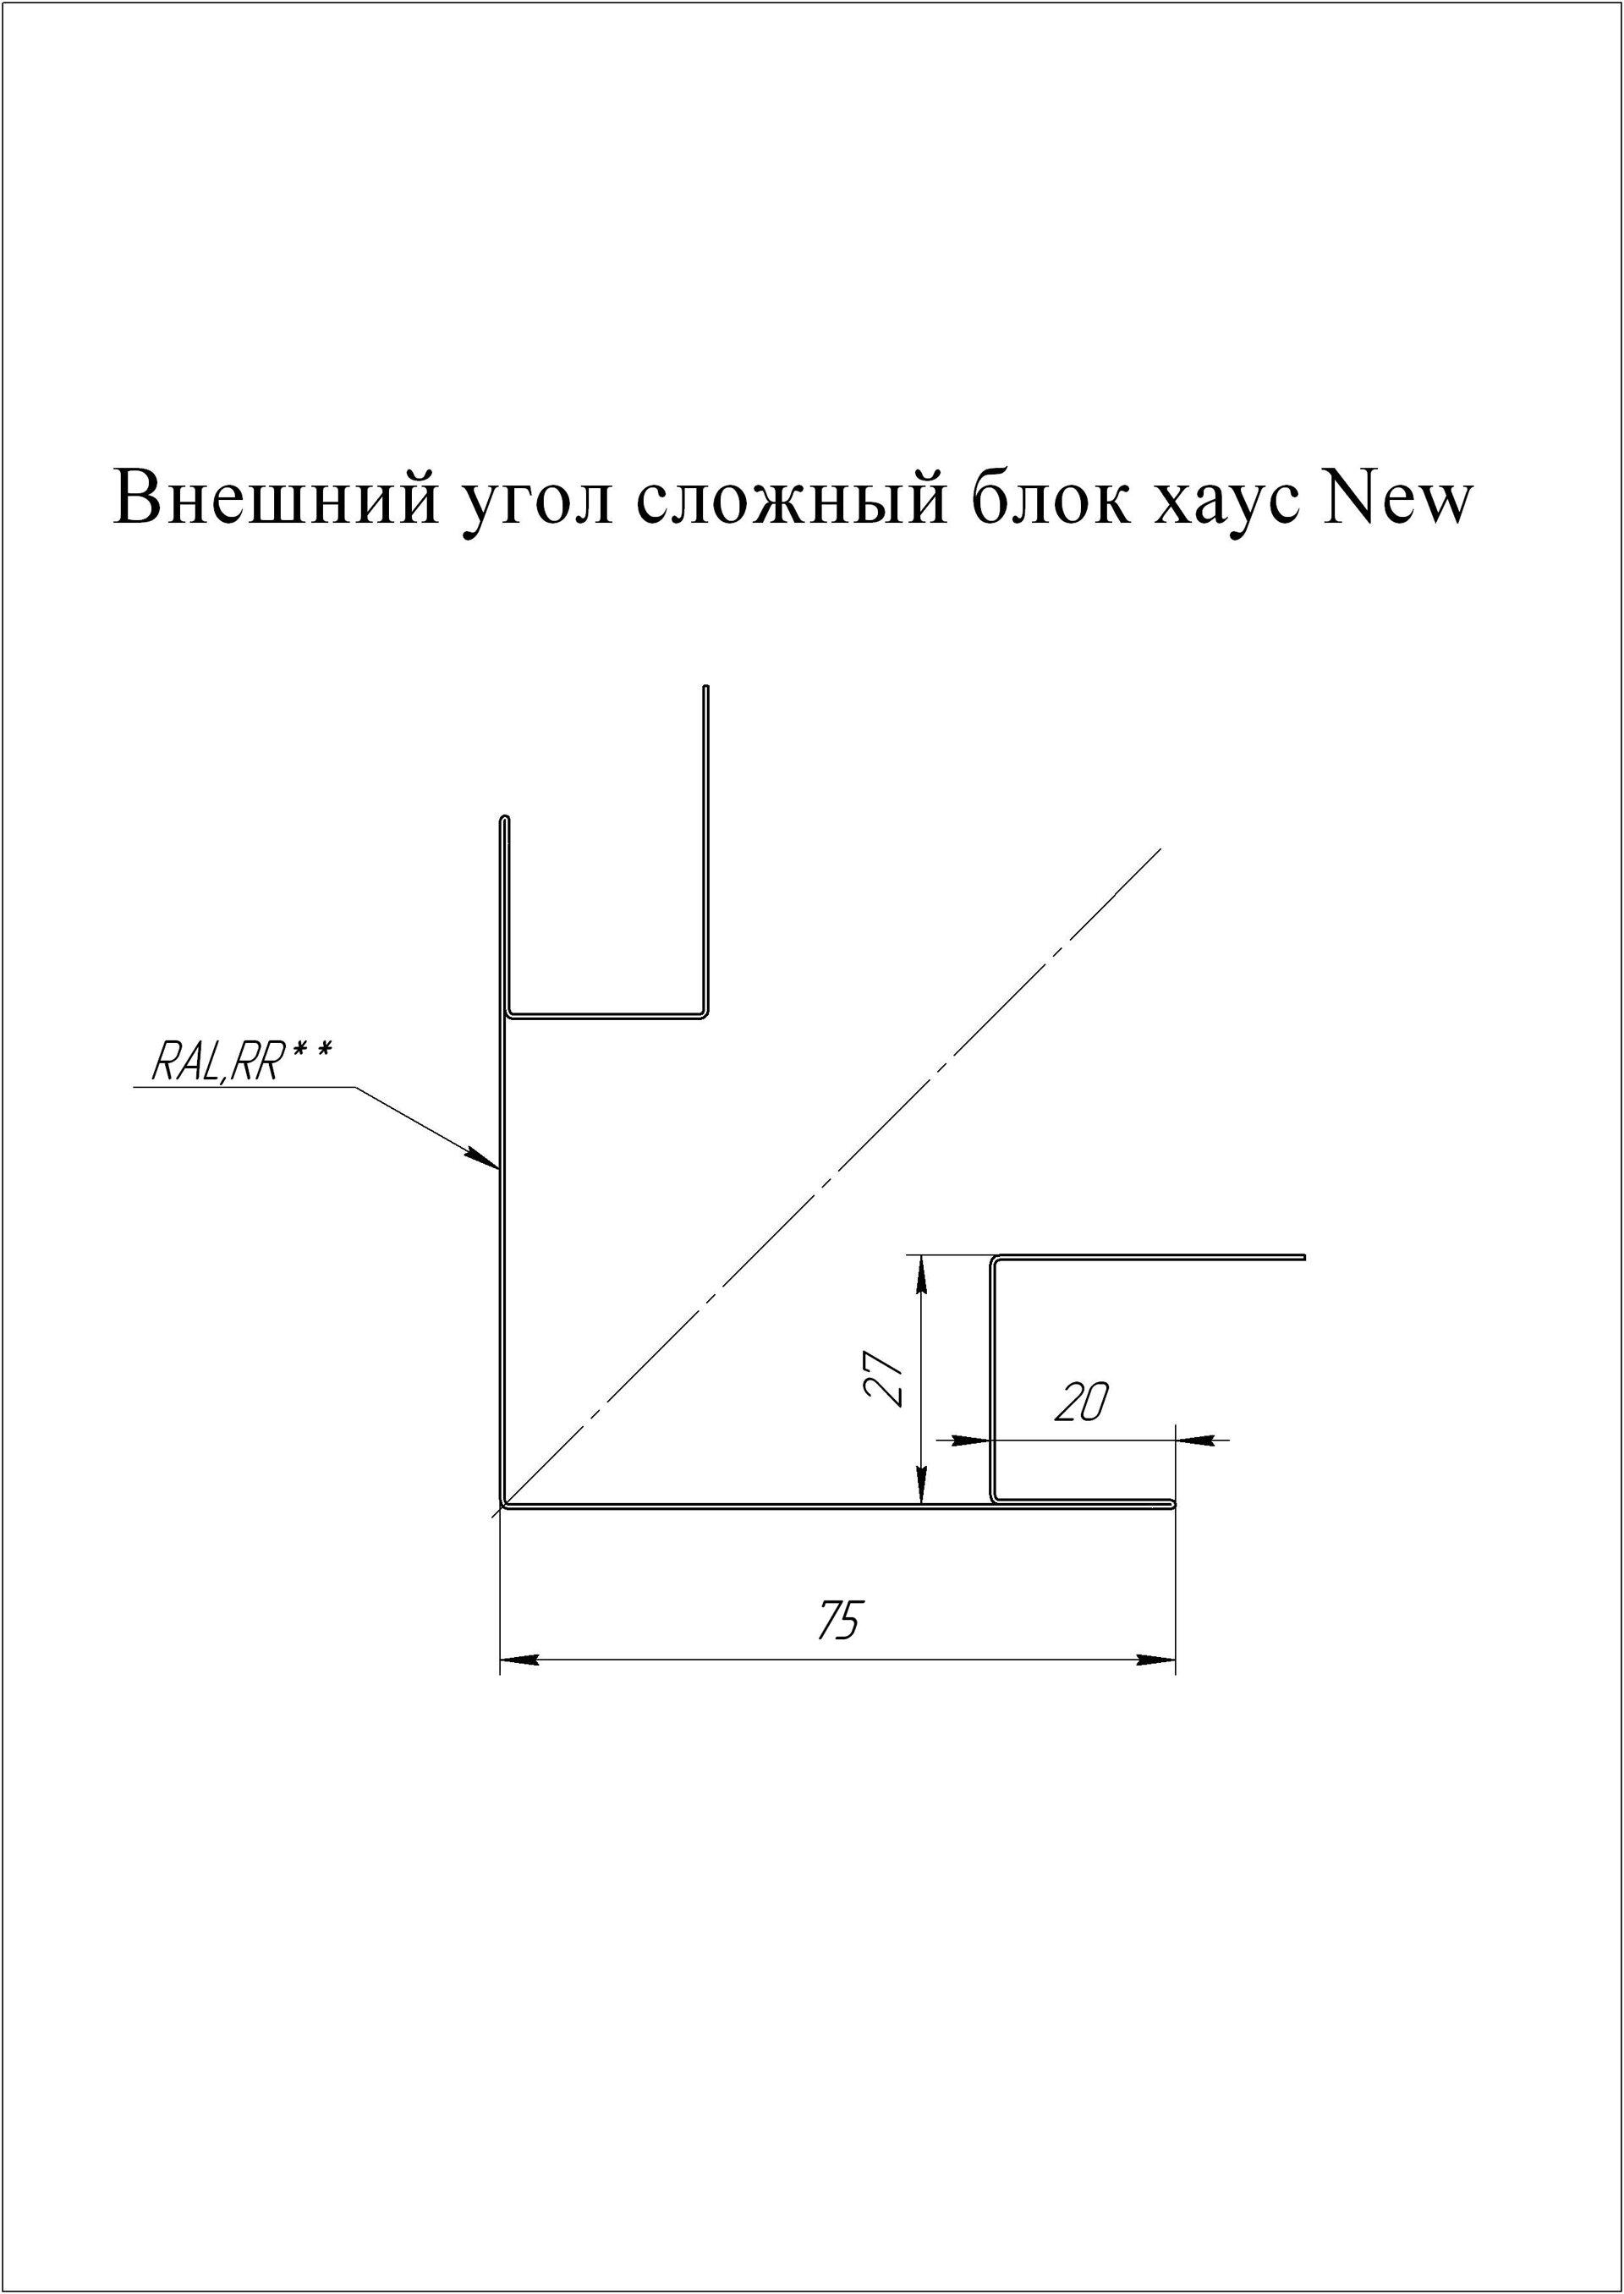 pic_aebdbc94dc370a90567a4f01e818fb06_1920x9000_1.jpg